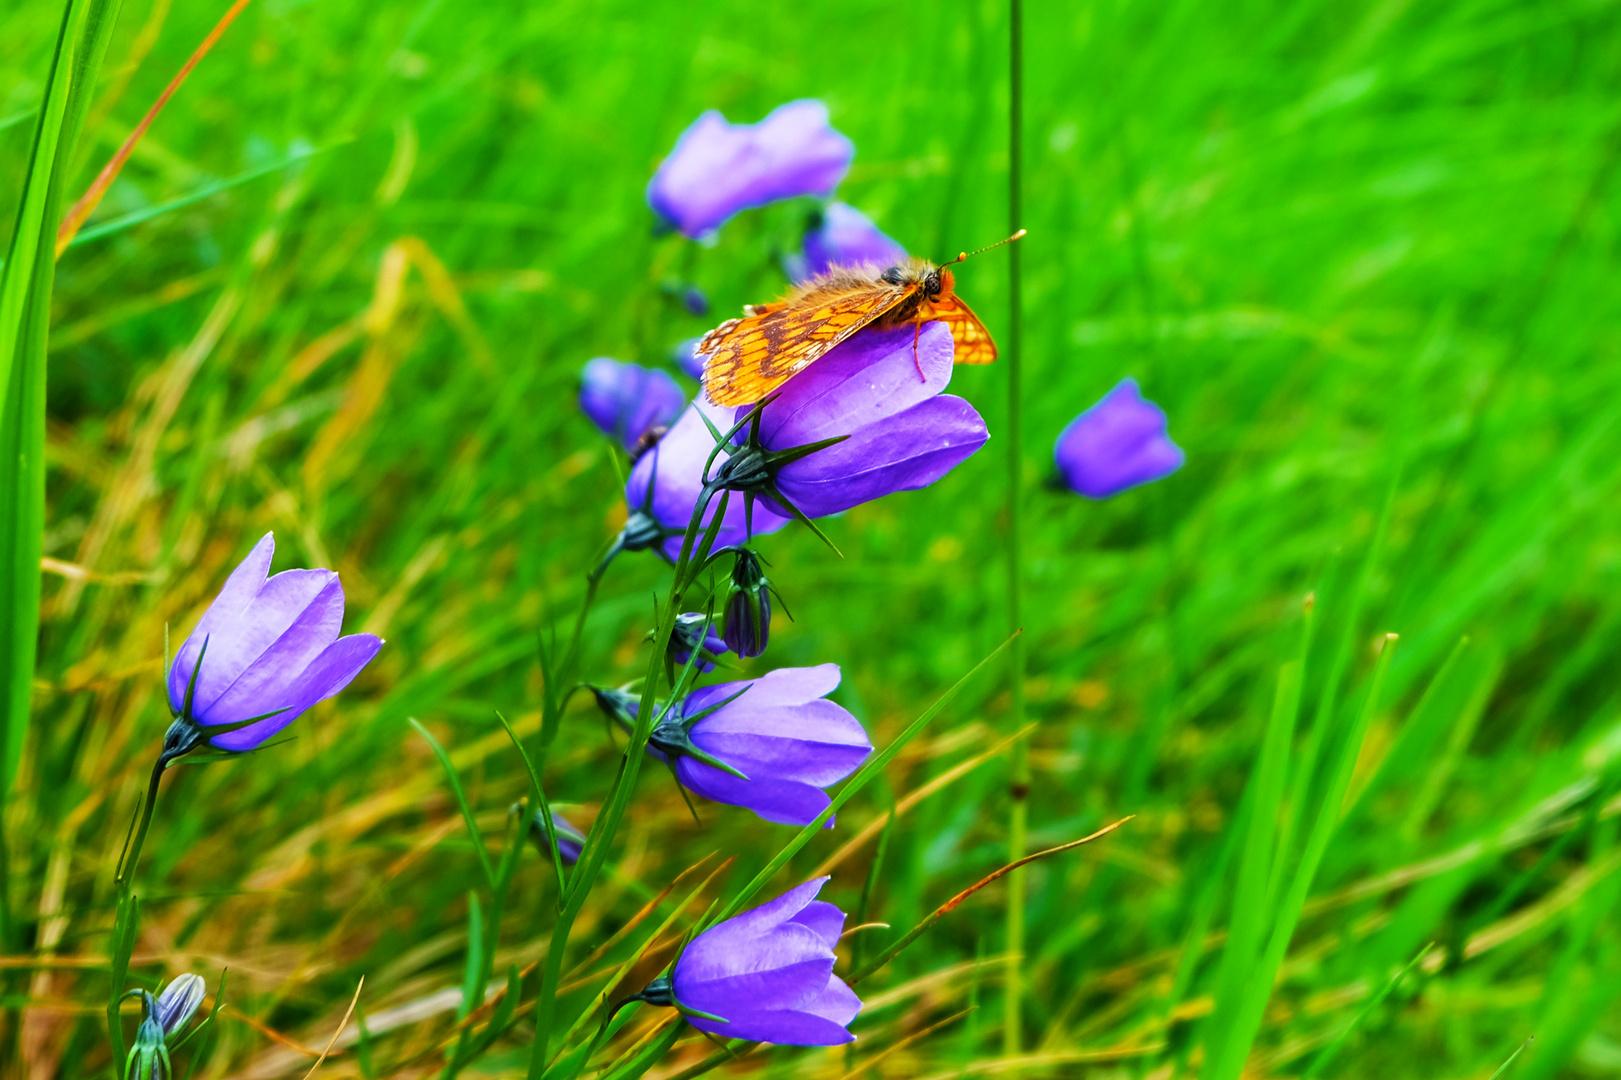 Mein erster Schmetterling (bearbeitet)